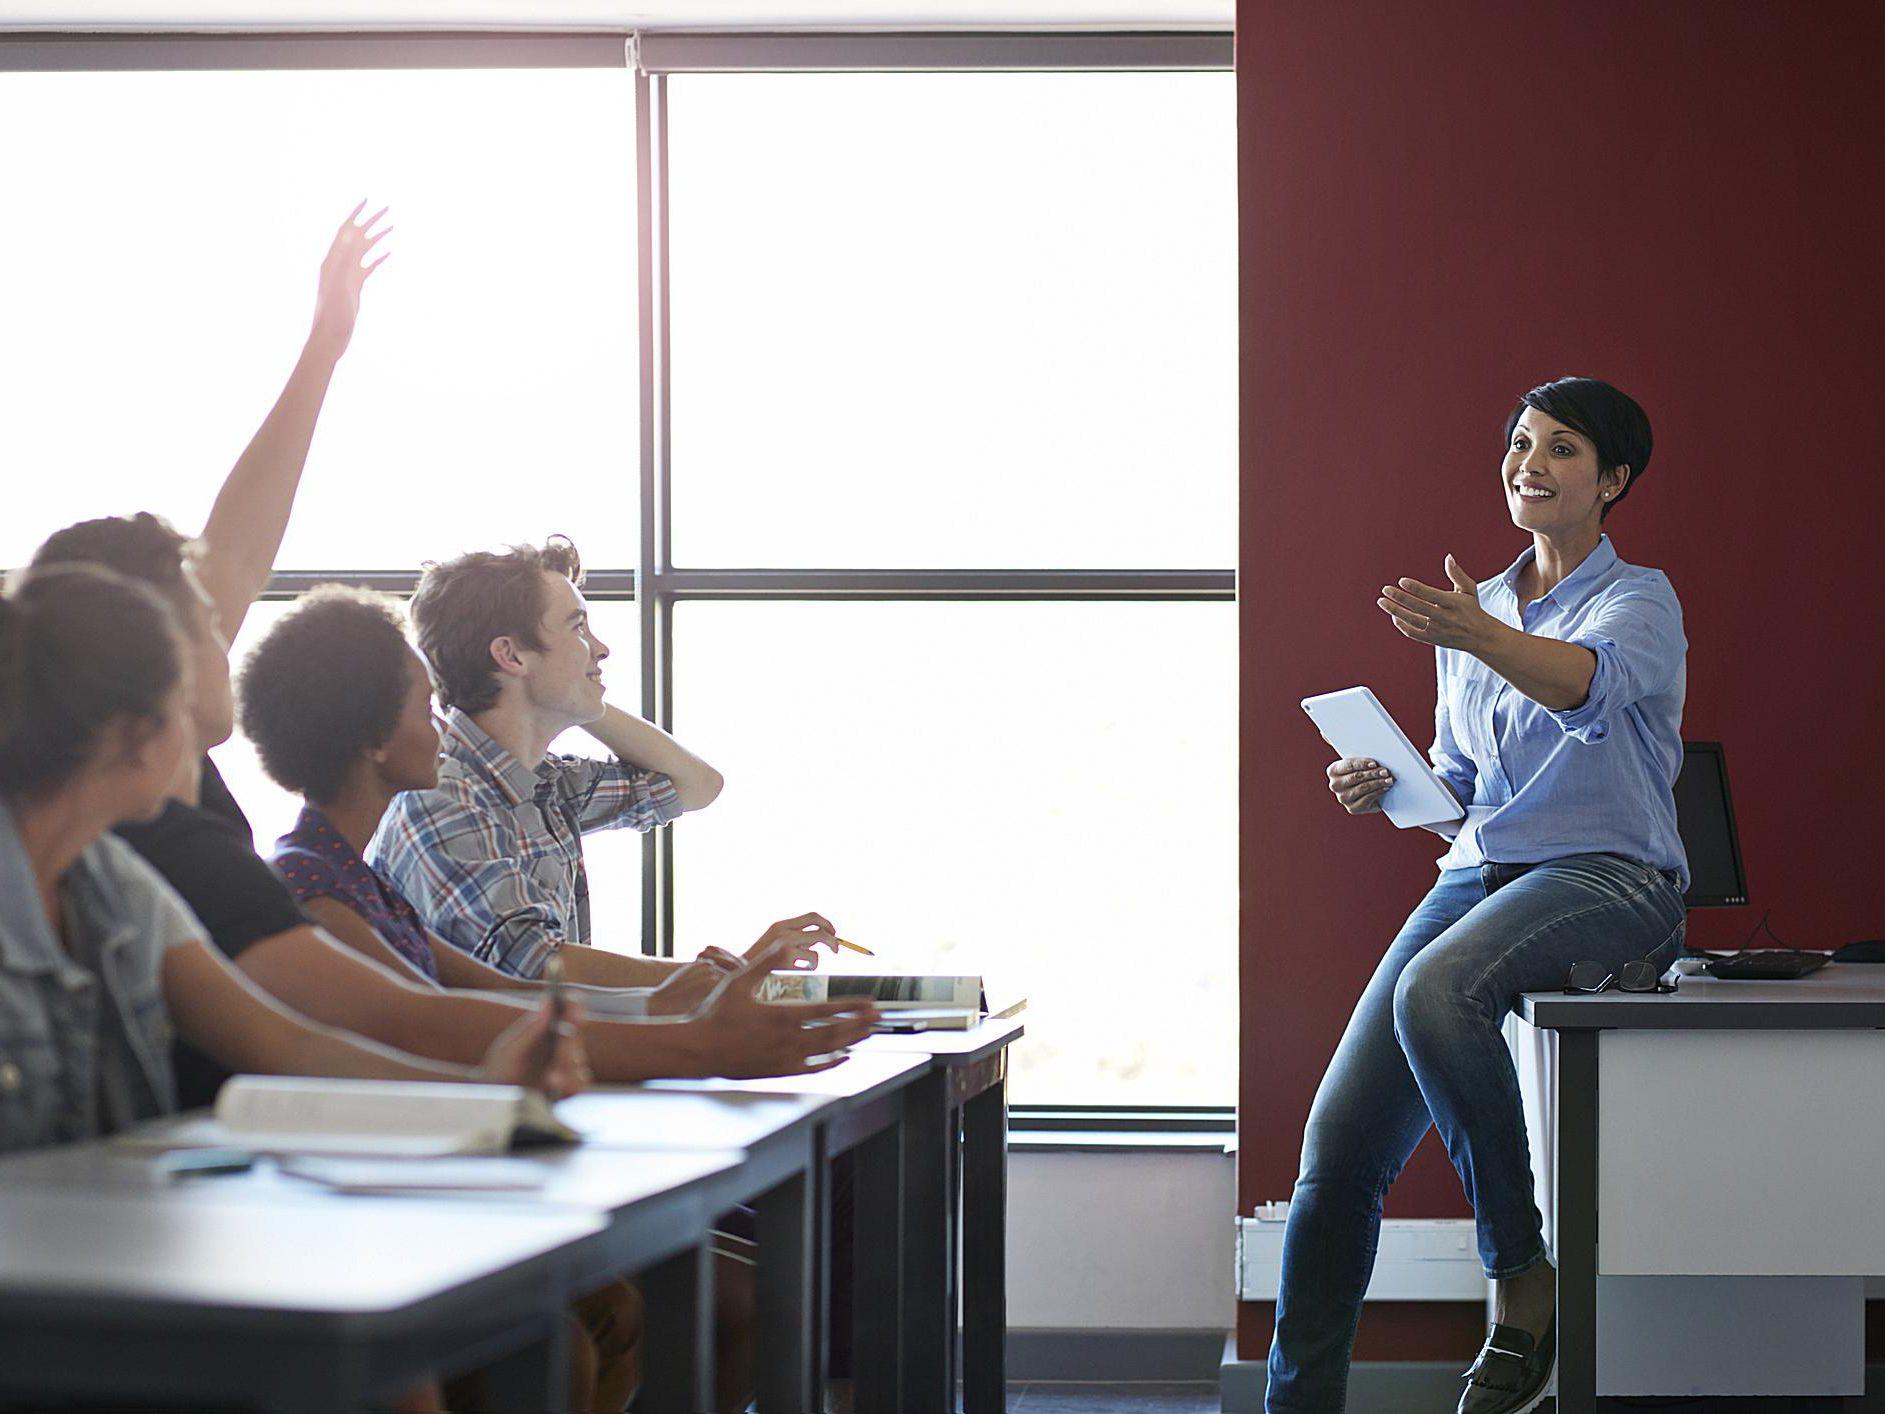 Easy Methods to Arrange a Classroom